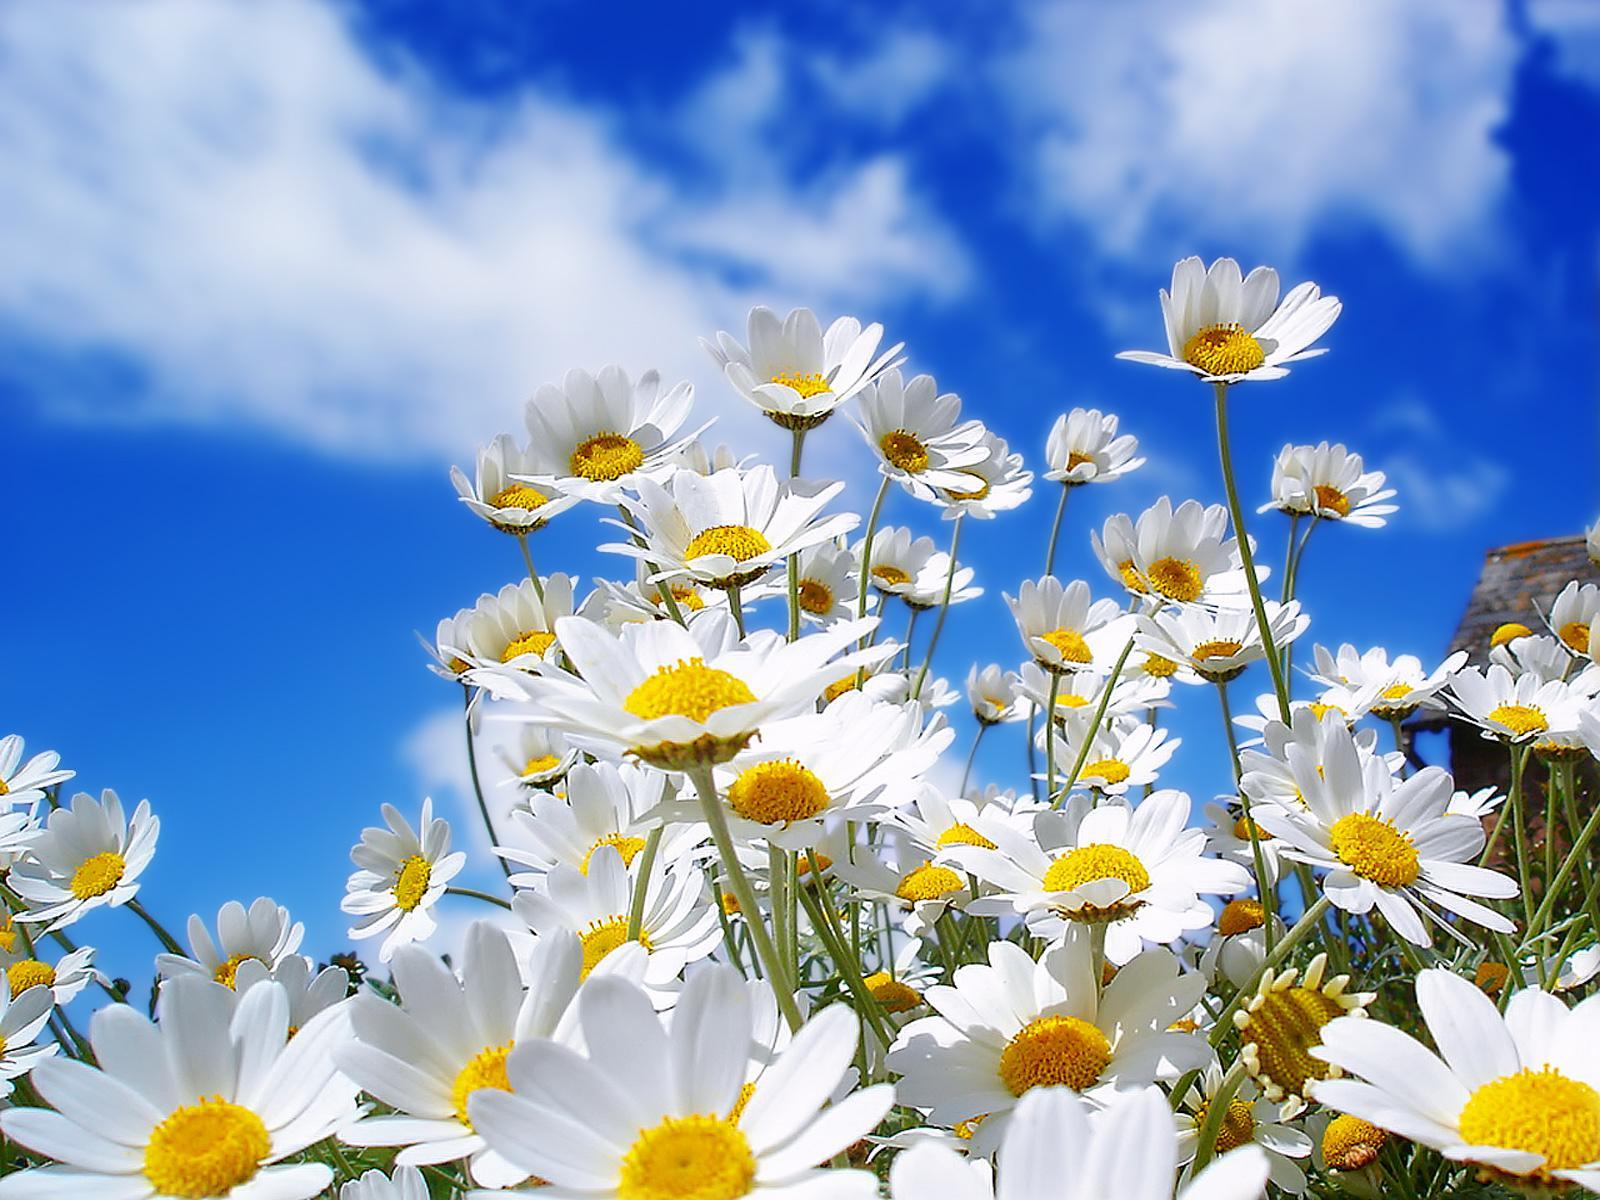 http://2.bp.blogspot.com/_Olu9nsIRMVY/TUlh451B1oI/AAAAAAAAADQ/zKDrvsDCO3c/s1600/wp_Spring_Daisy_1600x1200.jpg